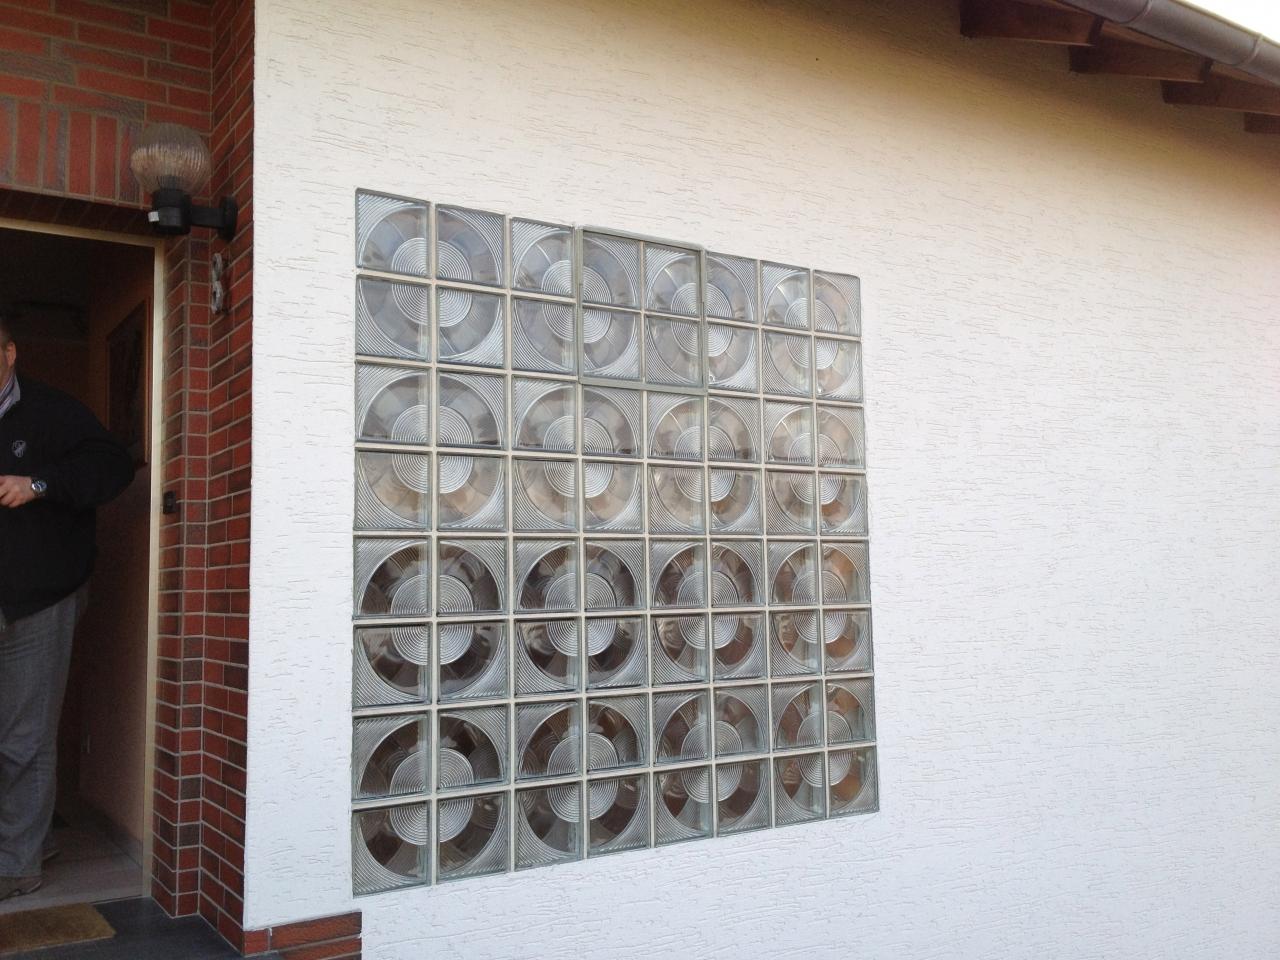 glasbausteine durch fenster ersetzen erlaubt ostseesuche com. Black Bedroom Furniture Sets. Home Design Ideas